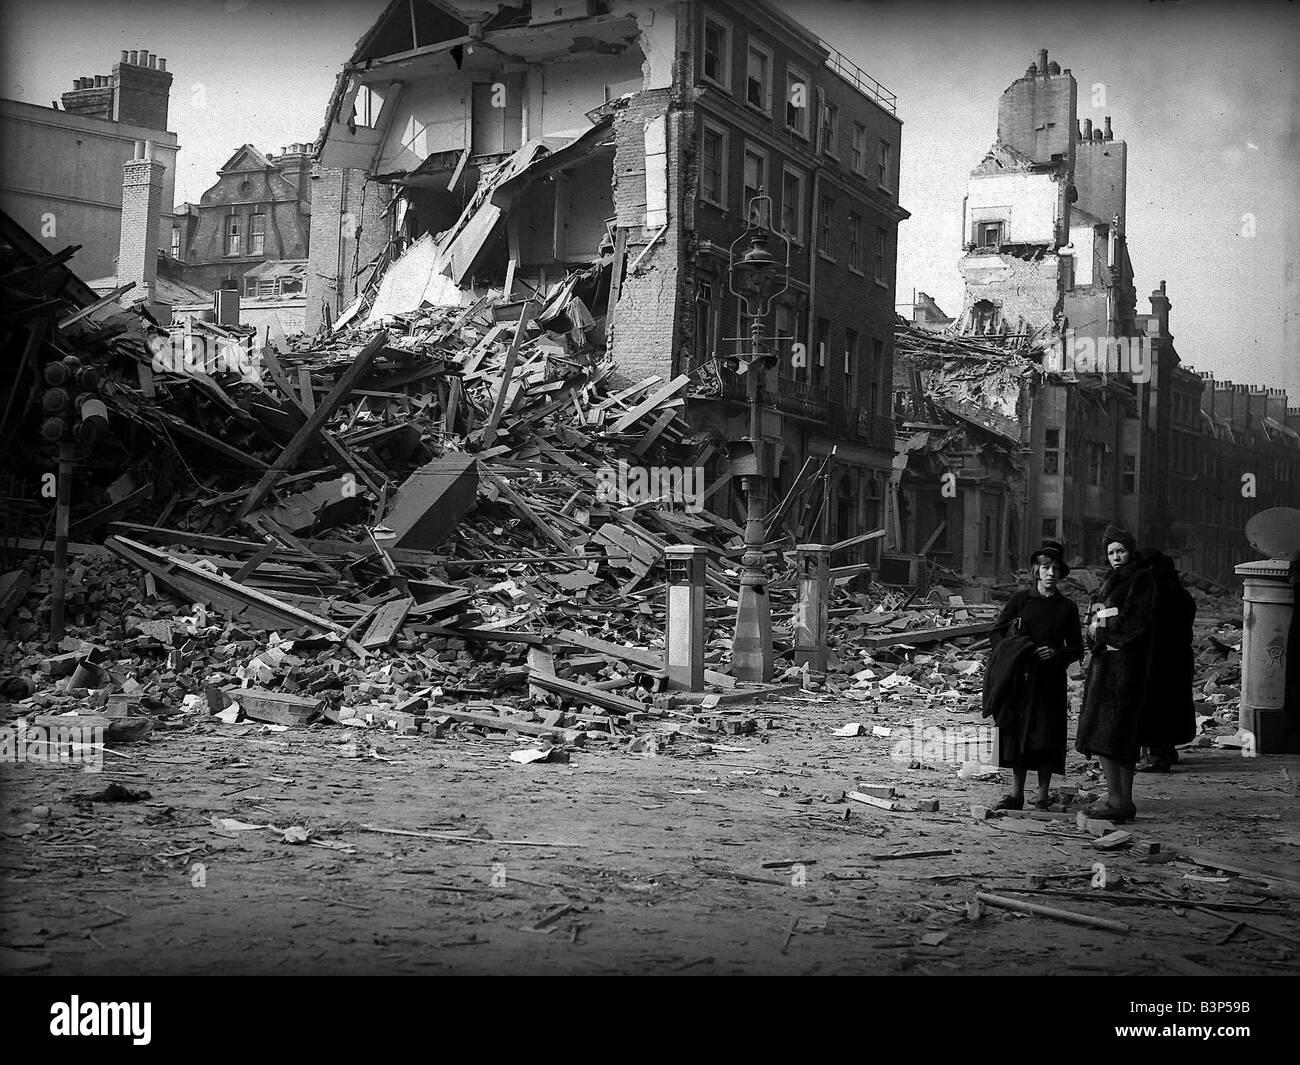 Bomb damaged London during WW2 - Stock Image